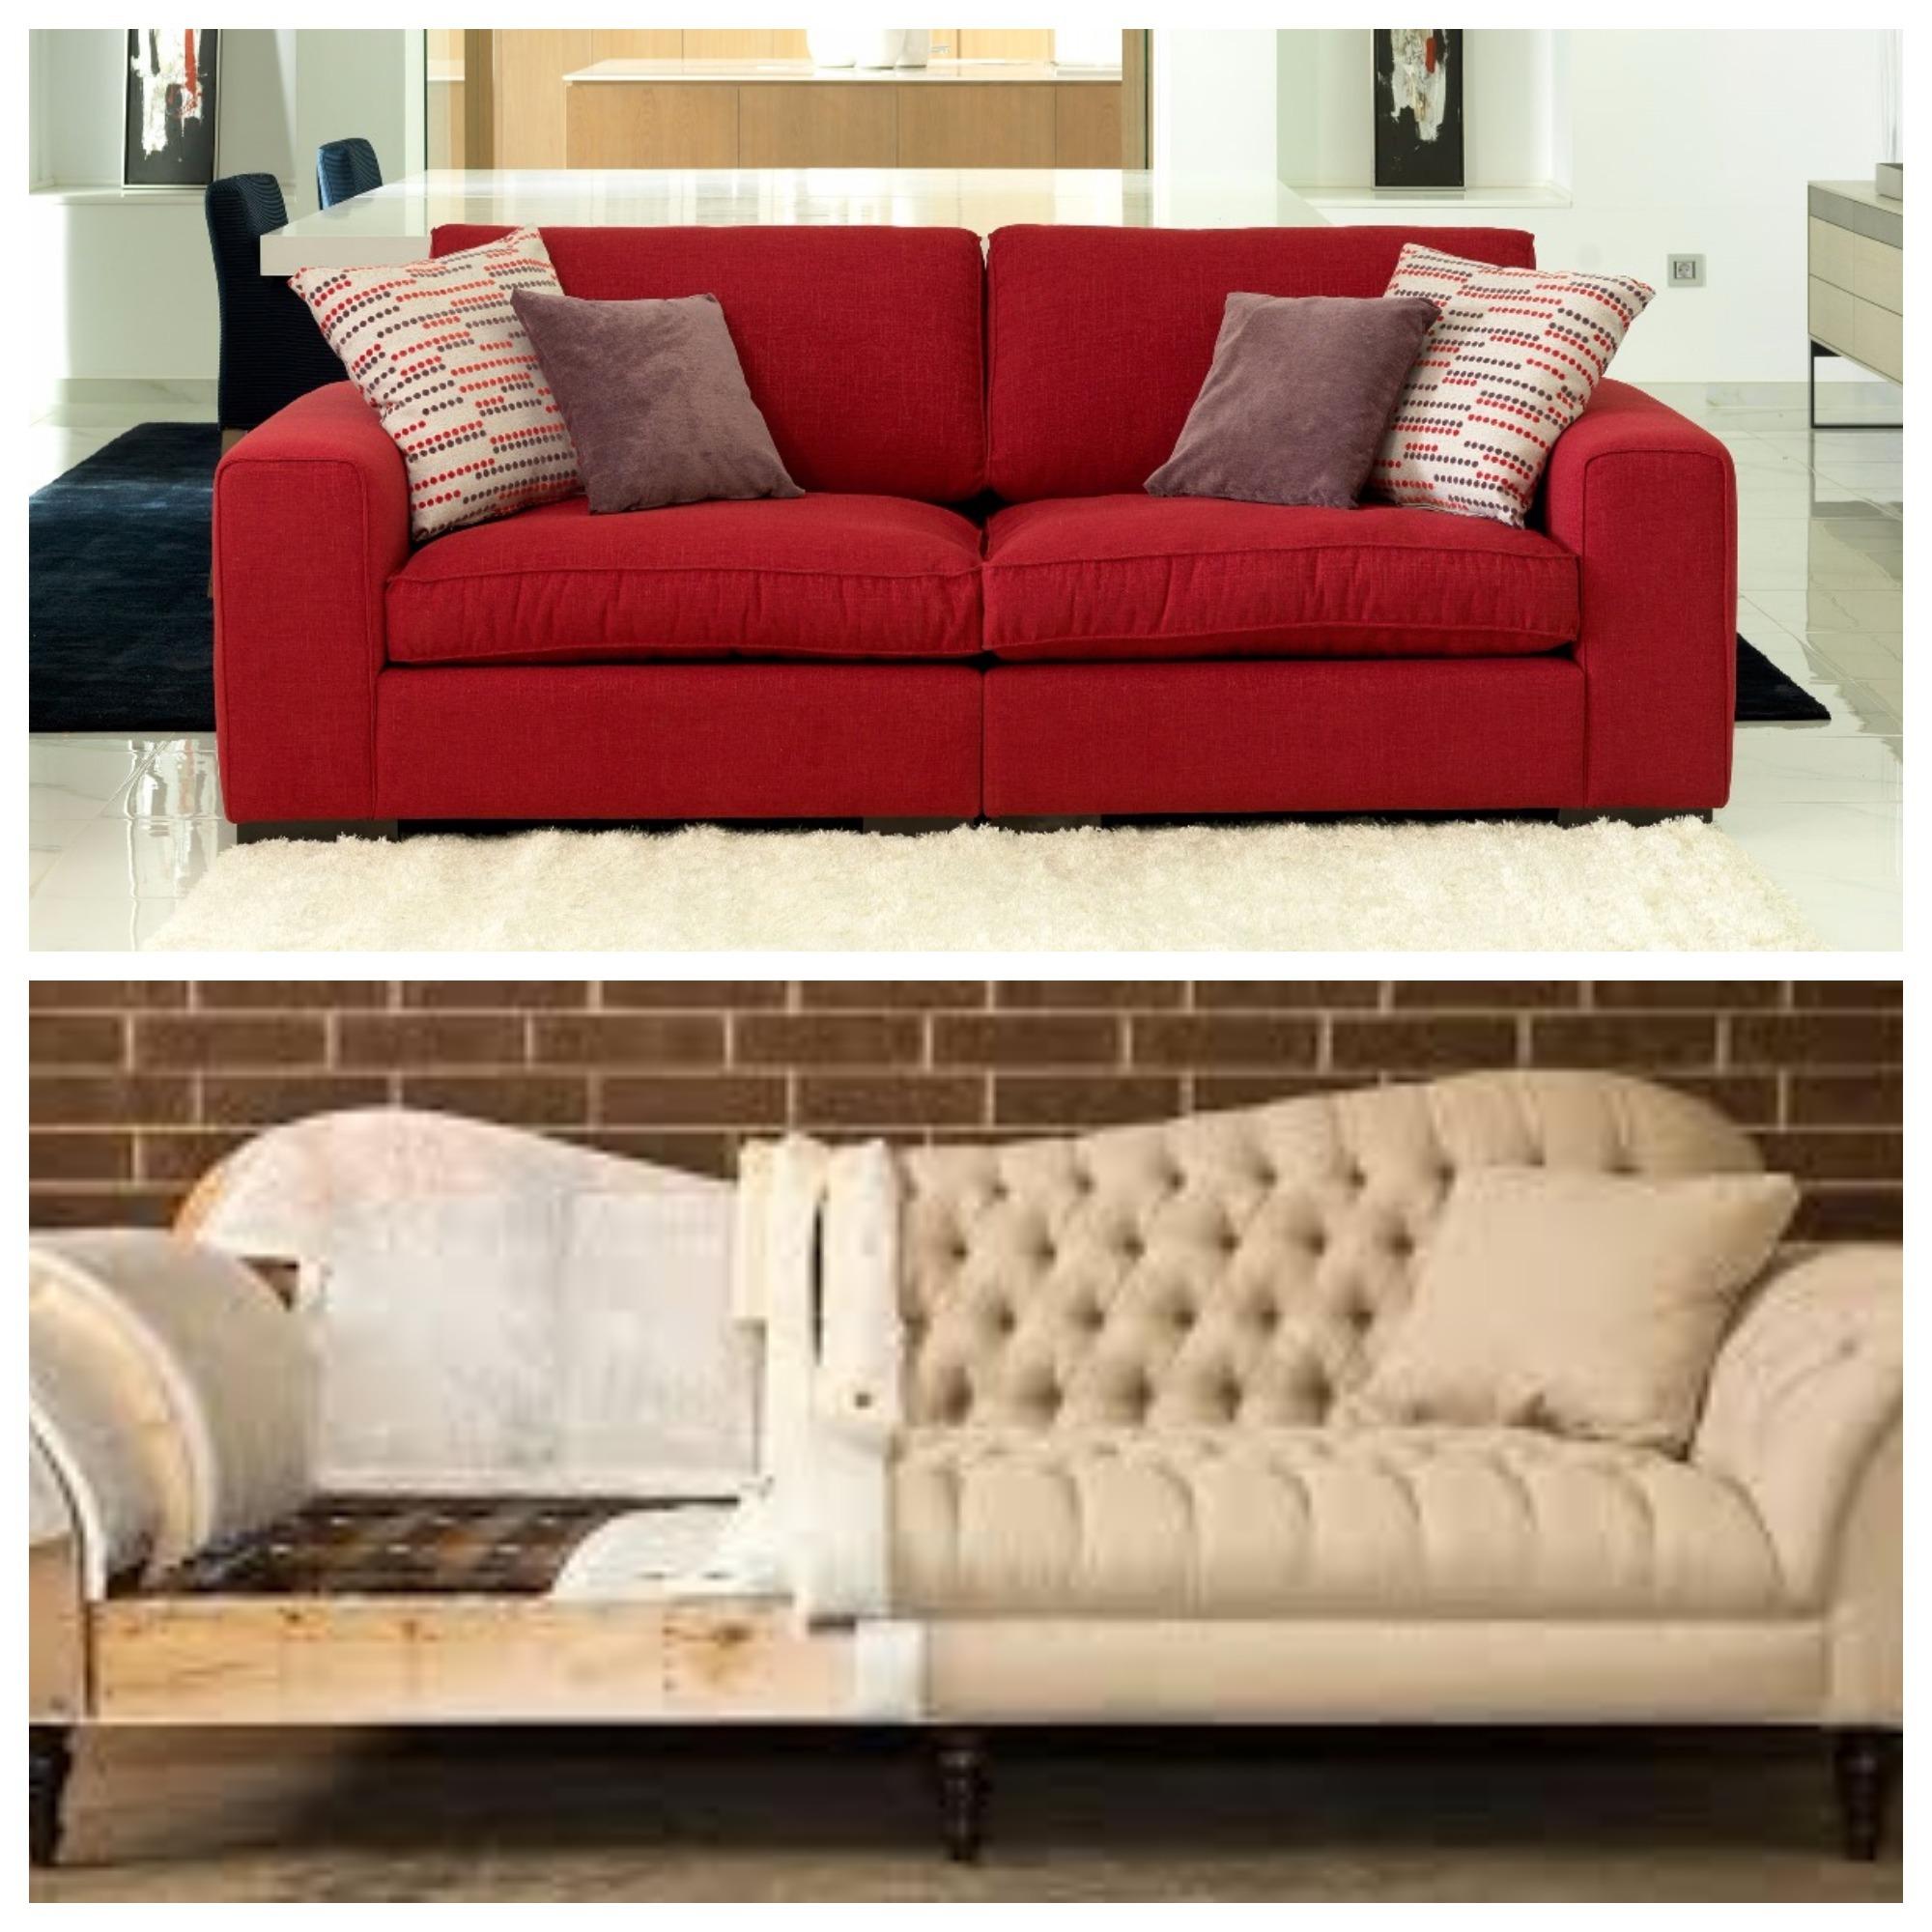 Tapicer a de muebles de sala y oficina precios de for Muebles de oficina precios